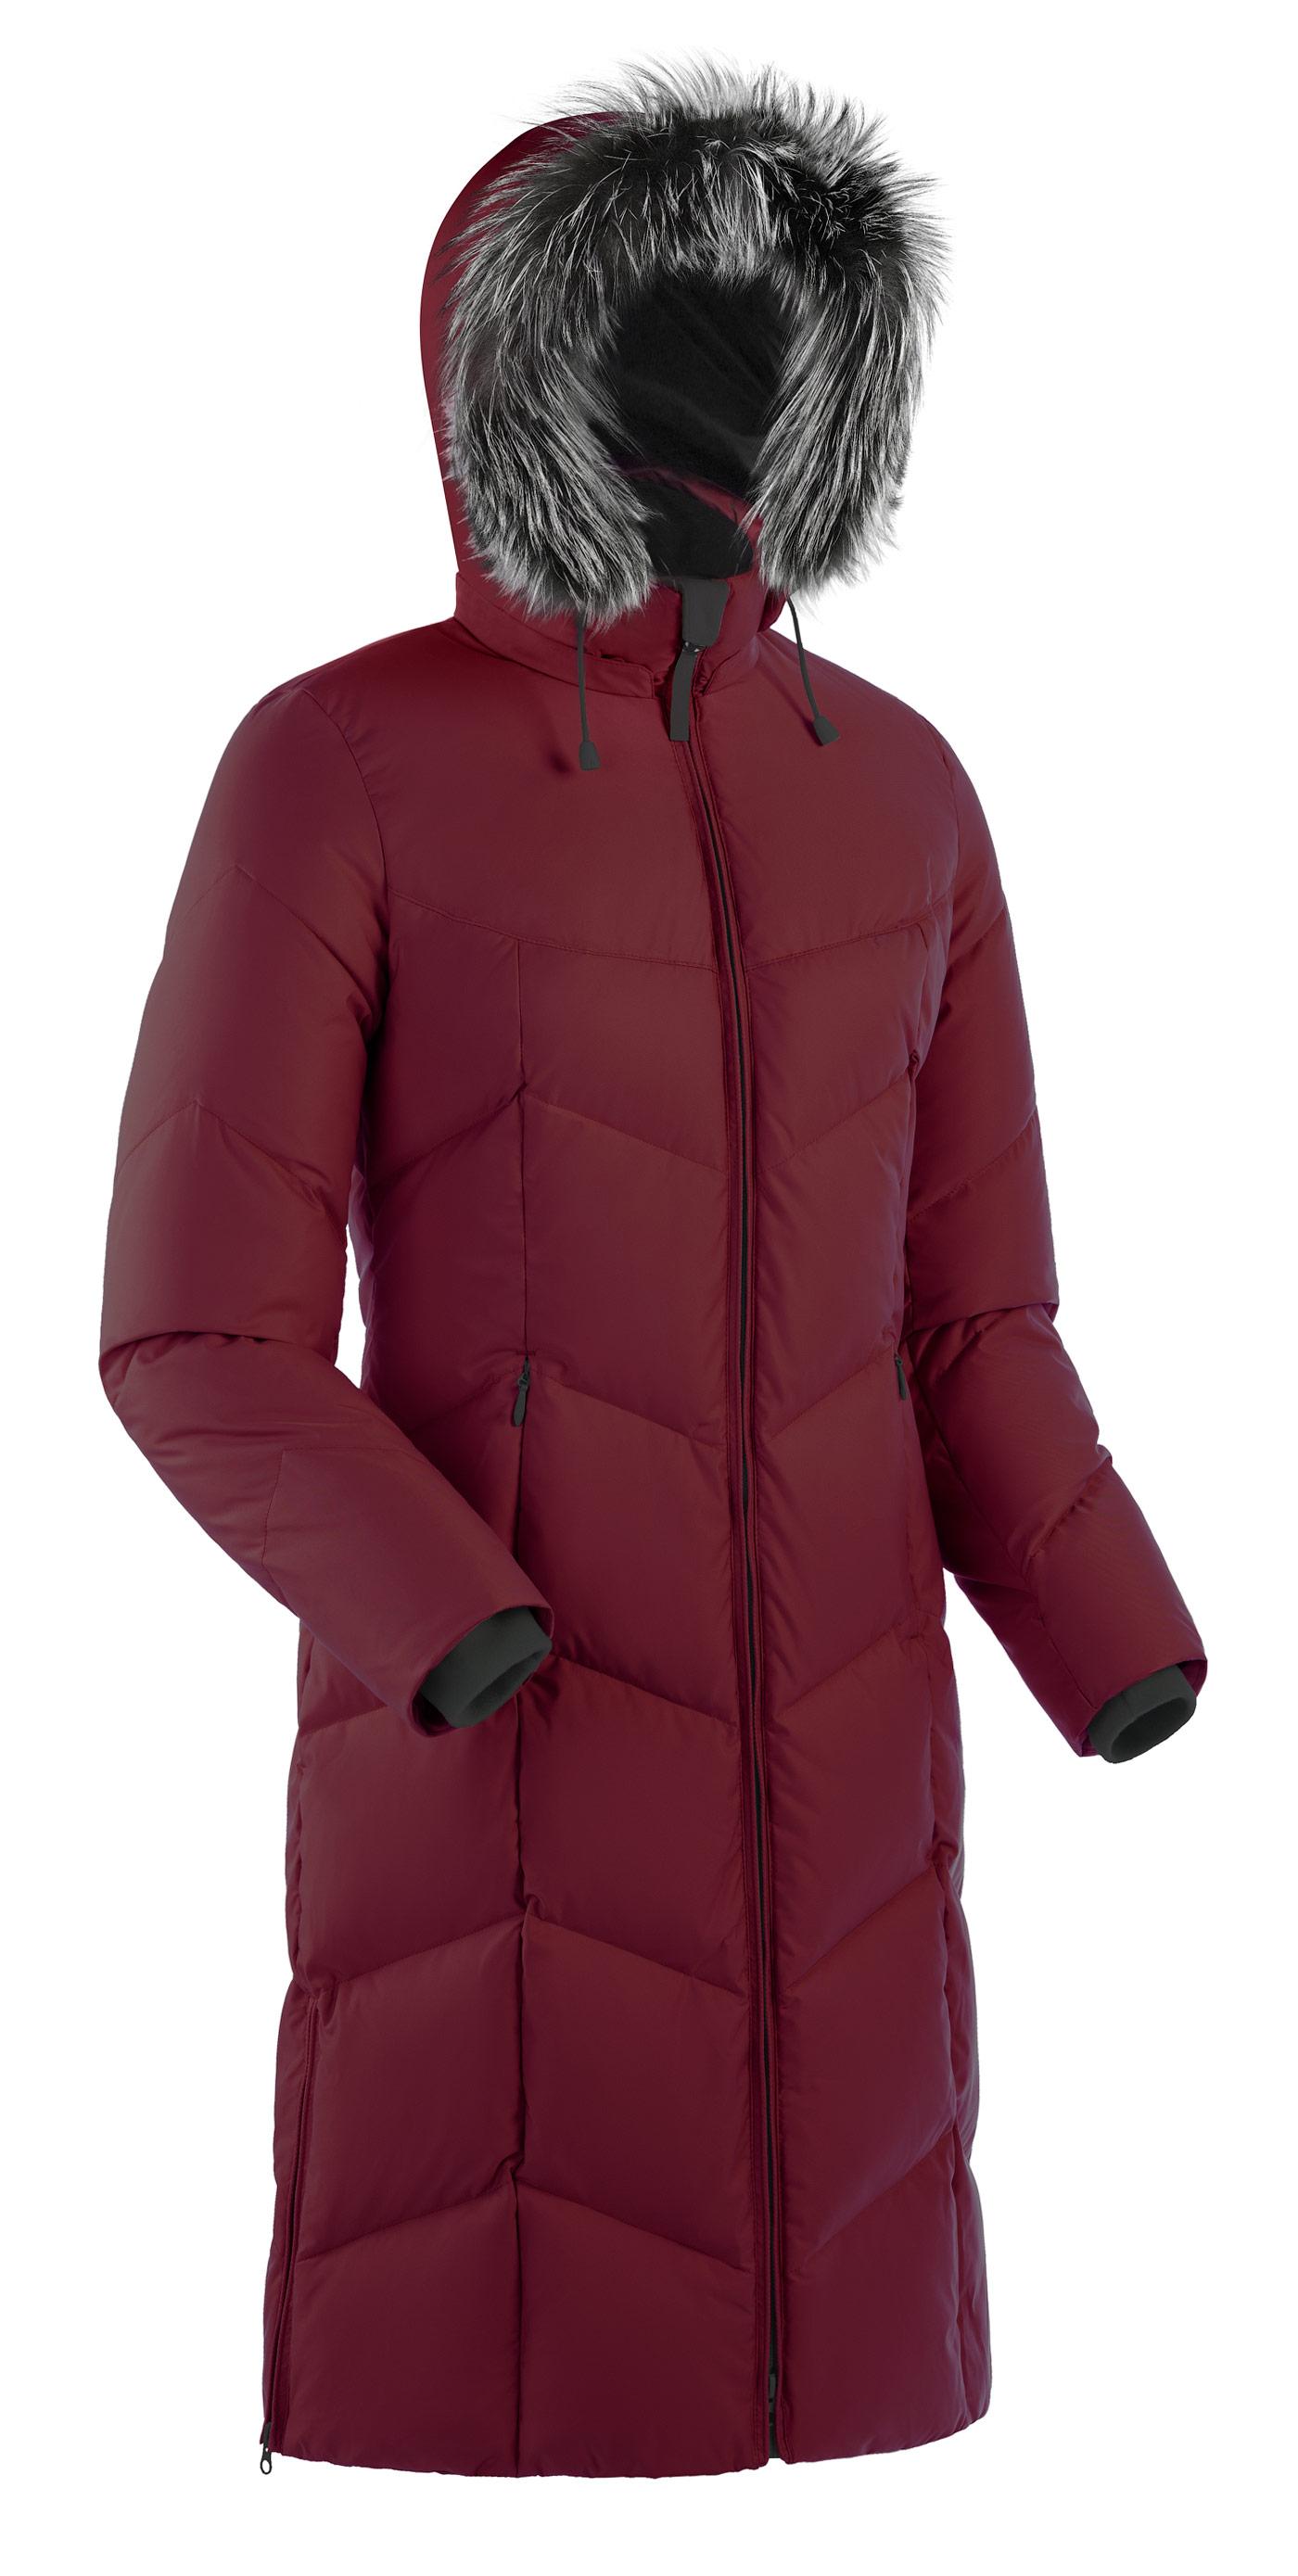 Пальто пуховое женское BASK ROUTE V3 бордо, Пальто - арт. 164870409